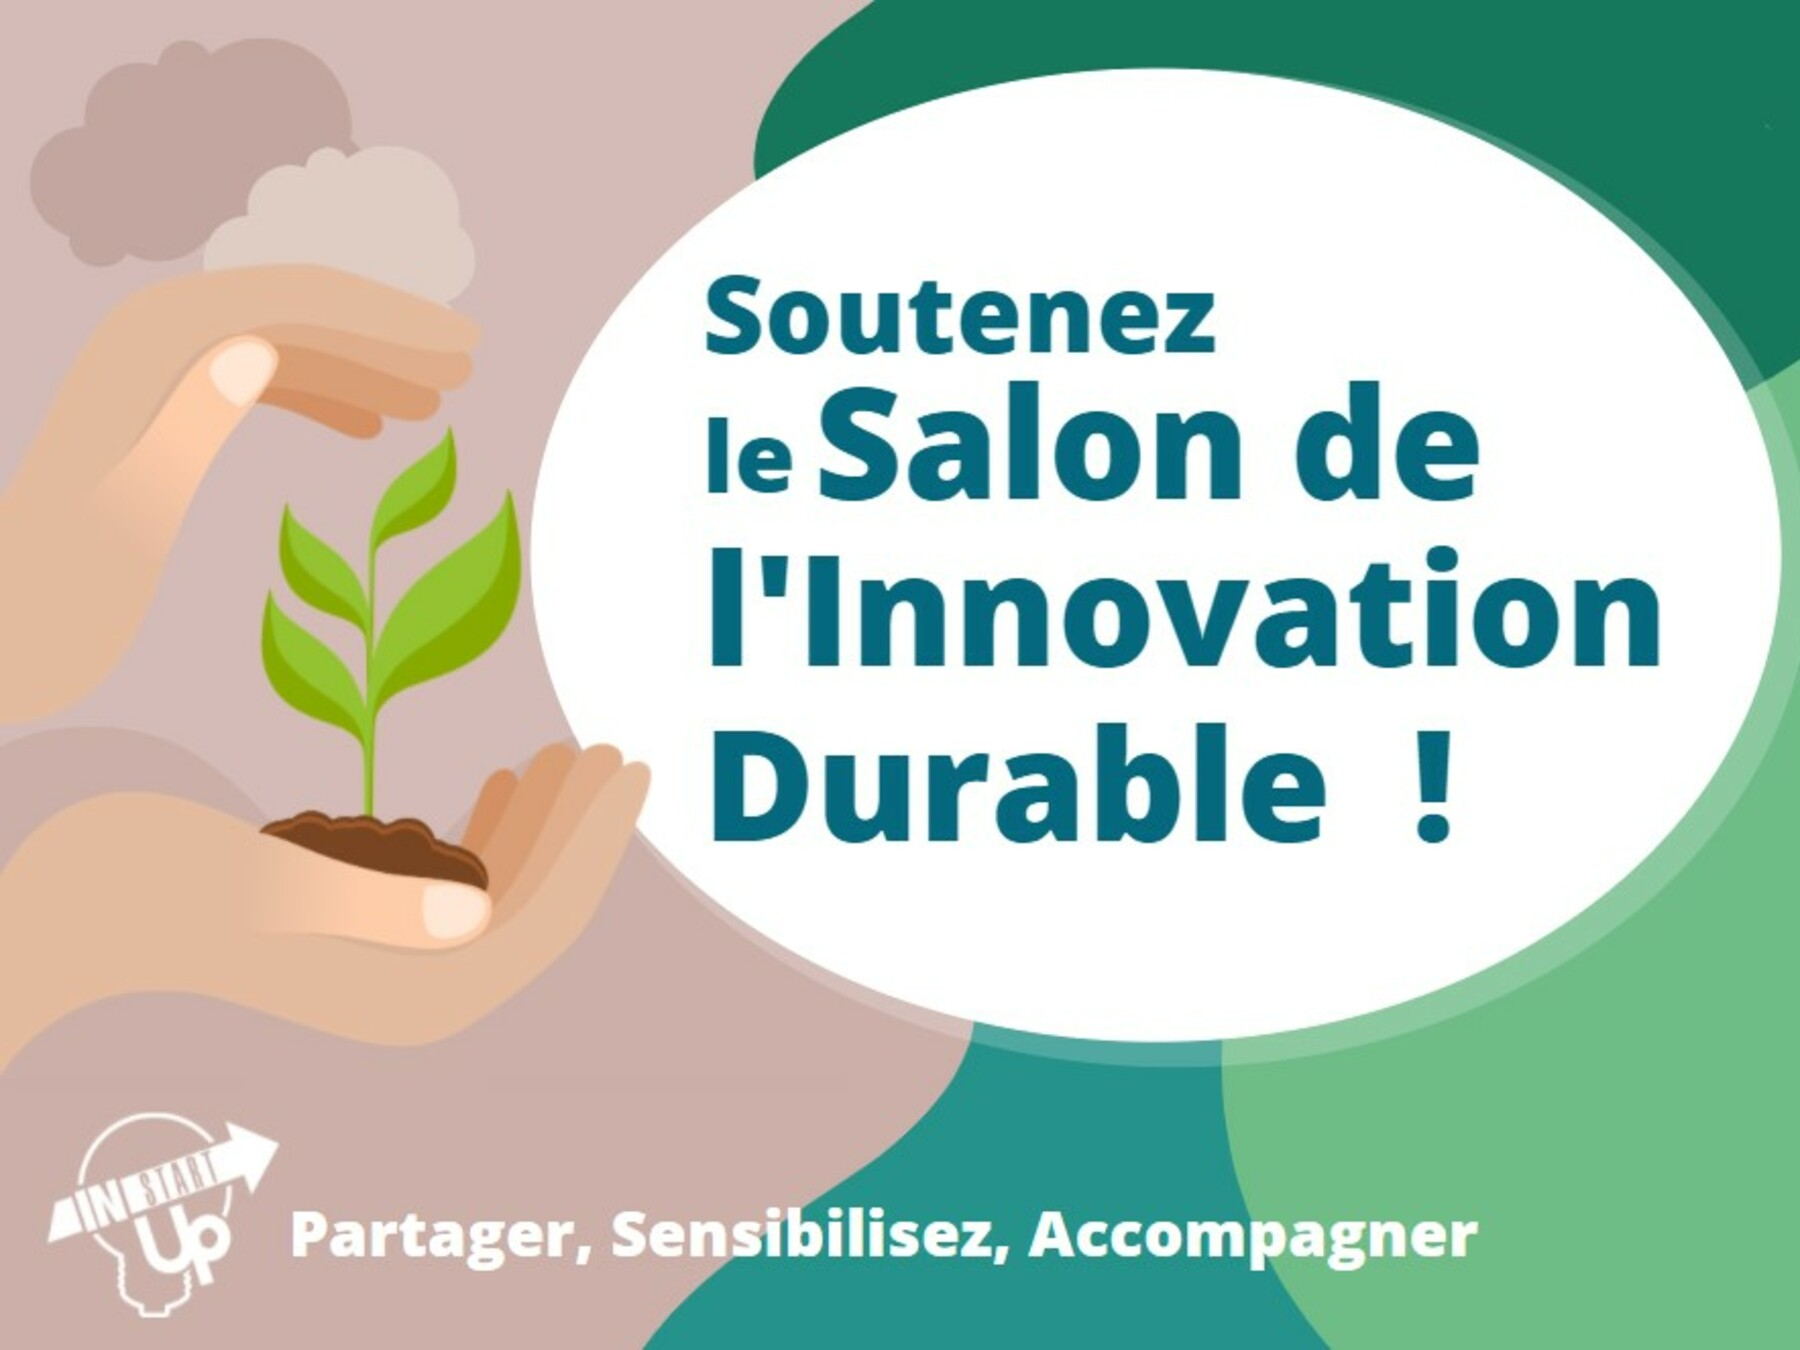 Salon de l'Innovation Durable : Innover pour un monde durable, notre challenge !